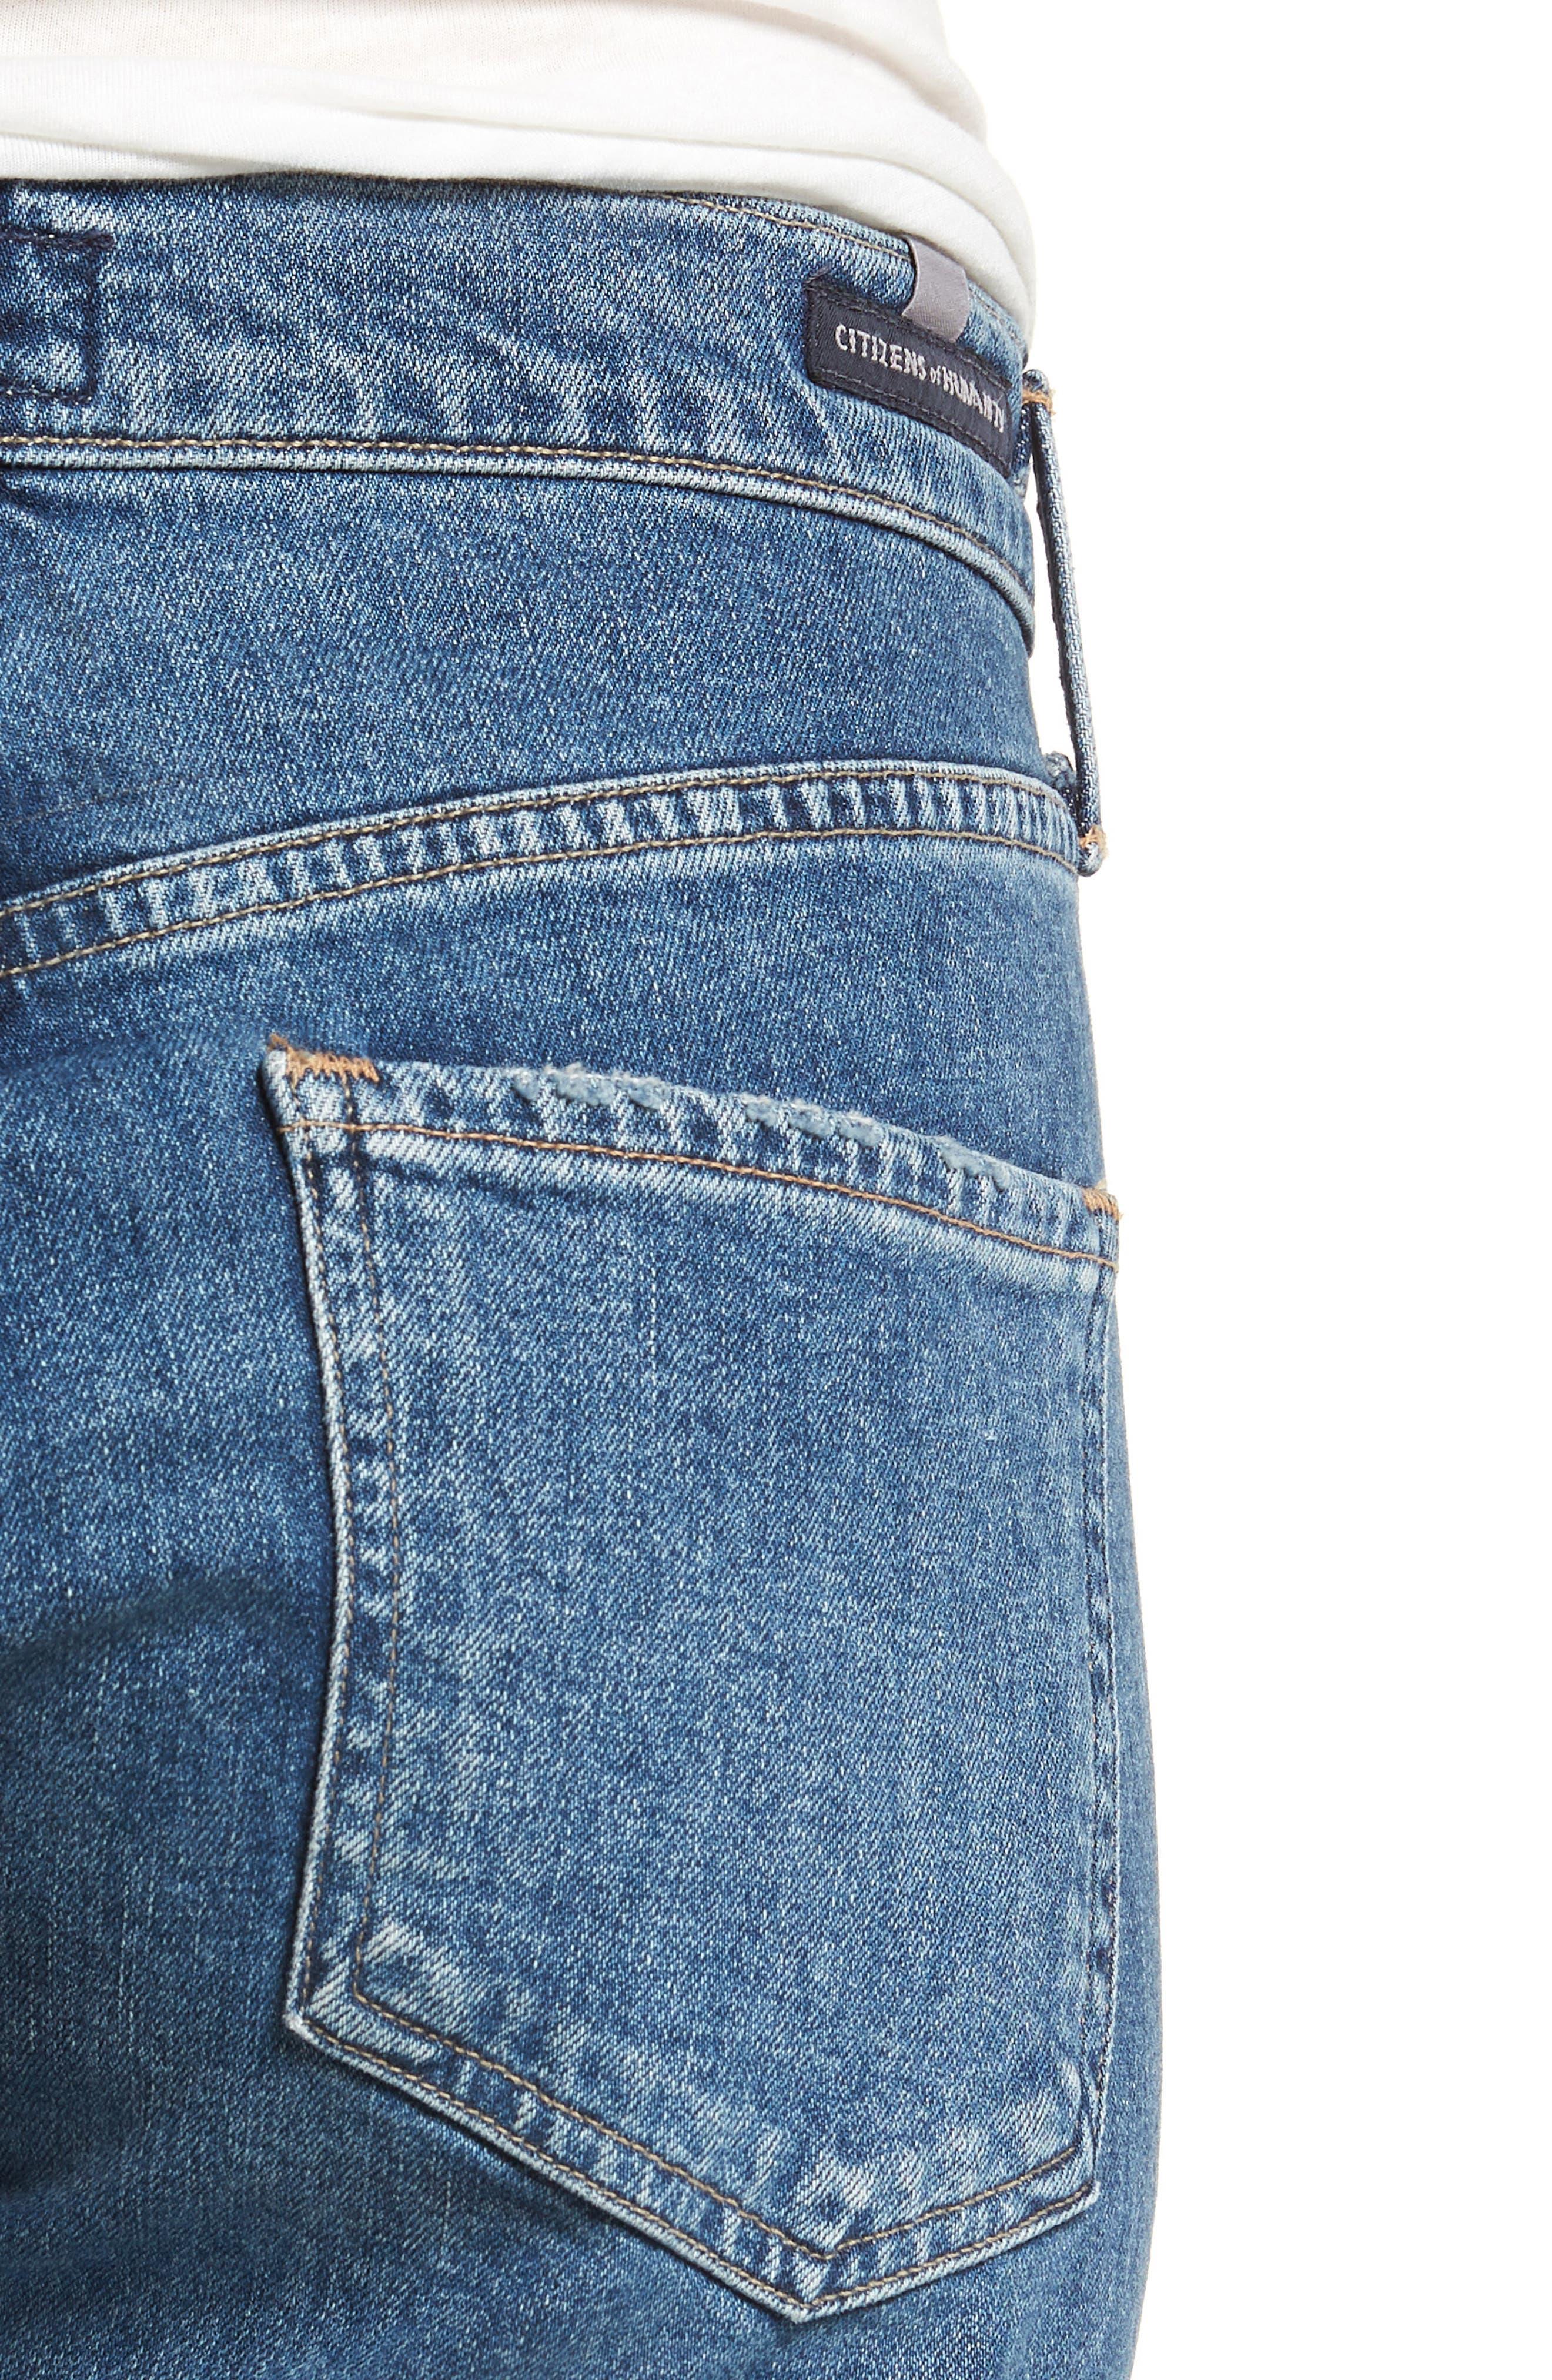 Emerson Slim Boyfriend Jeans,                             Alternate thumbnail 4, color,                             Century